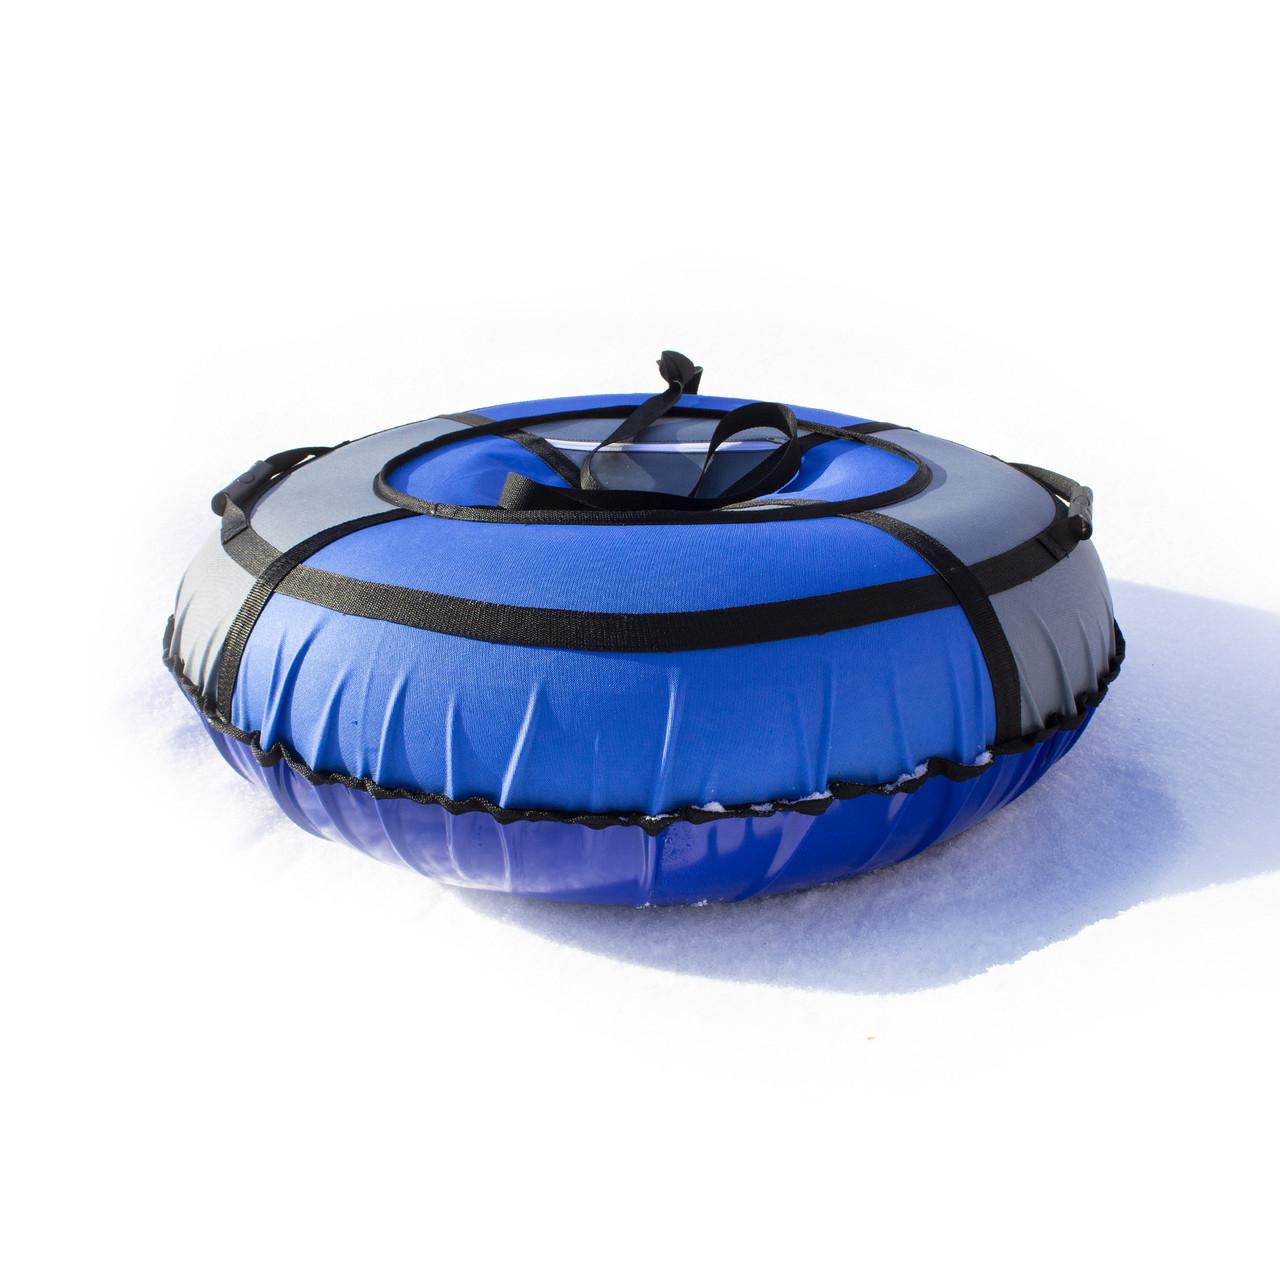 Тюбинг надувные санки ватрушка d 120 см серия Прокат Усиленная Сине - Серого цвета для детей и взрослых